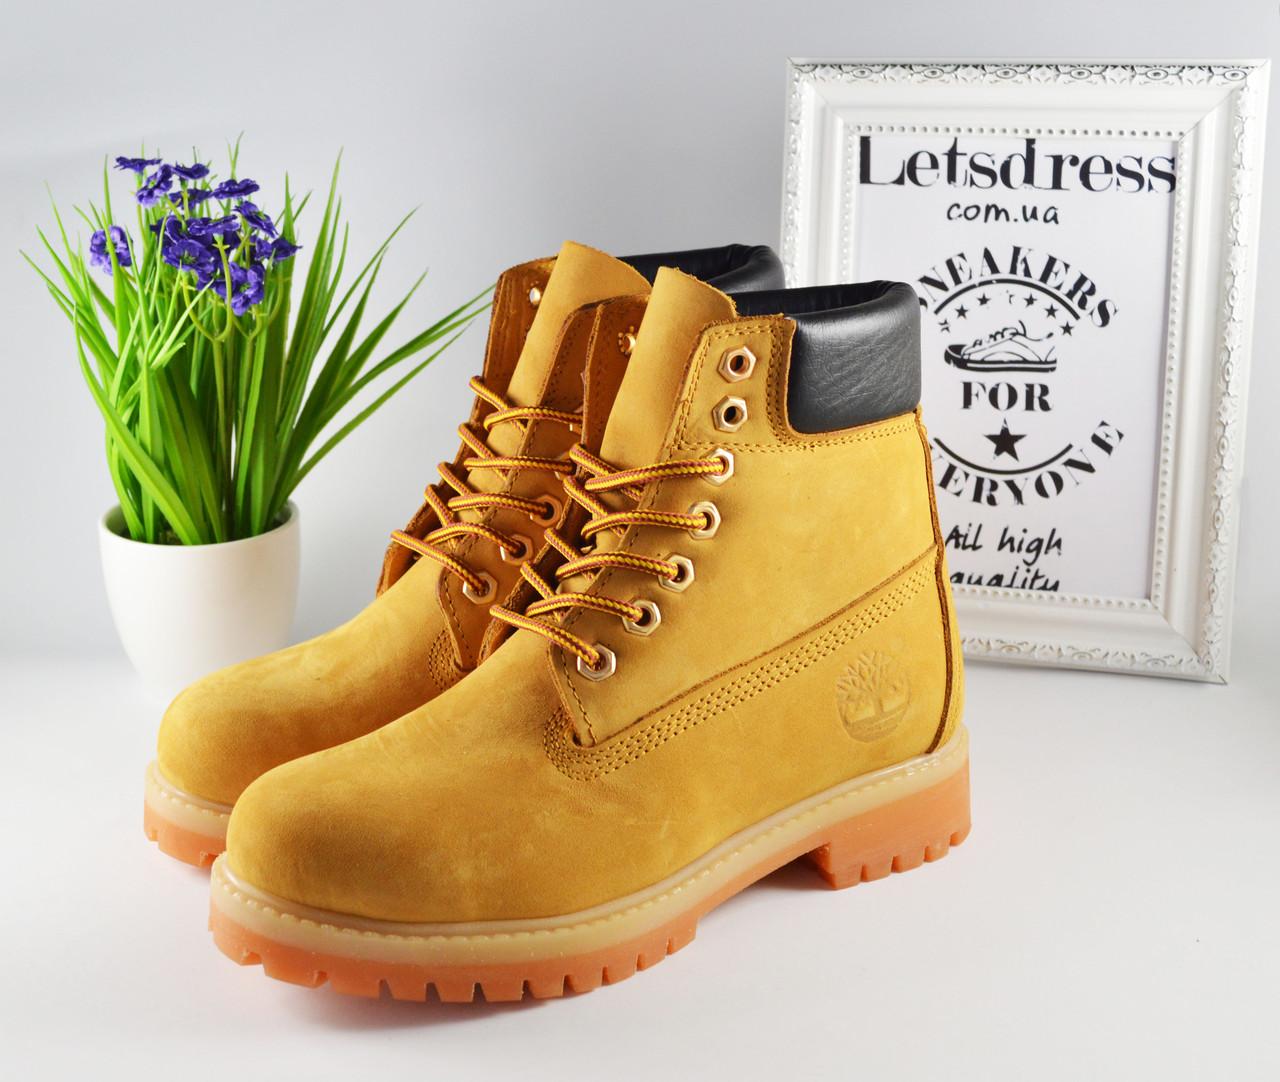 a070302b Купить Женские ботинки Timberland кожаные Тимберленд желтые, бежевые ...